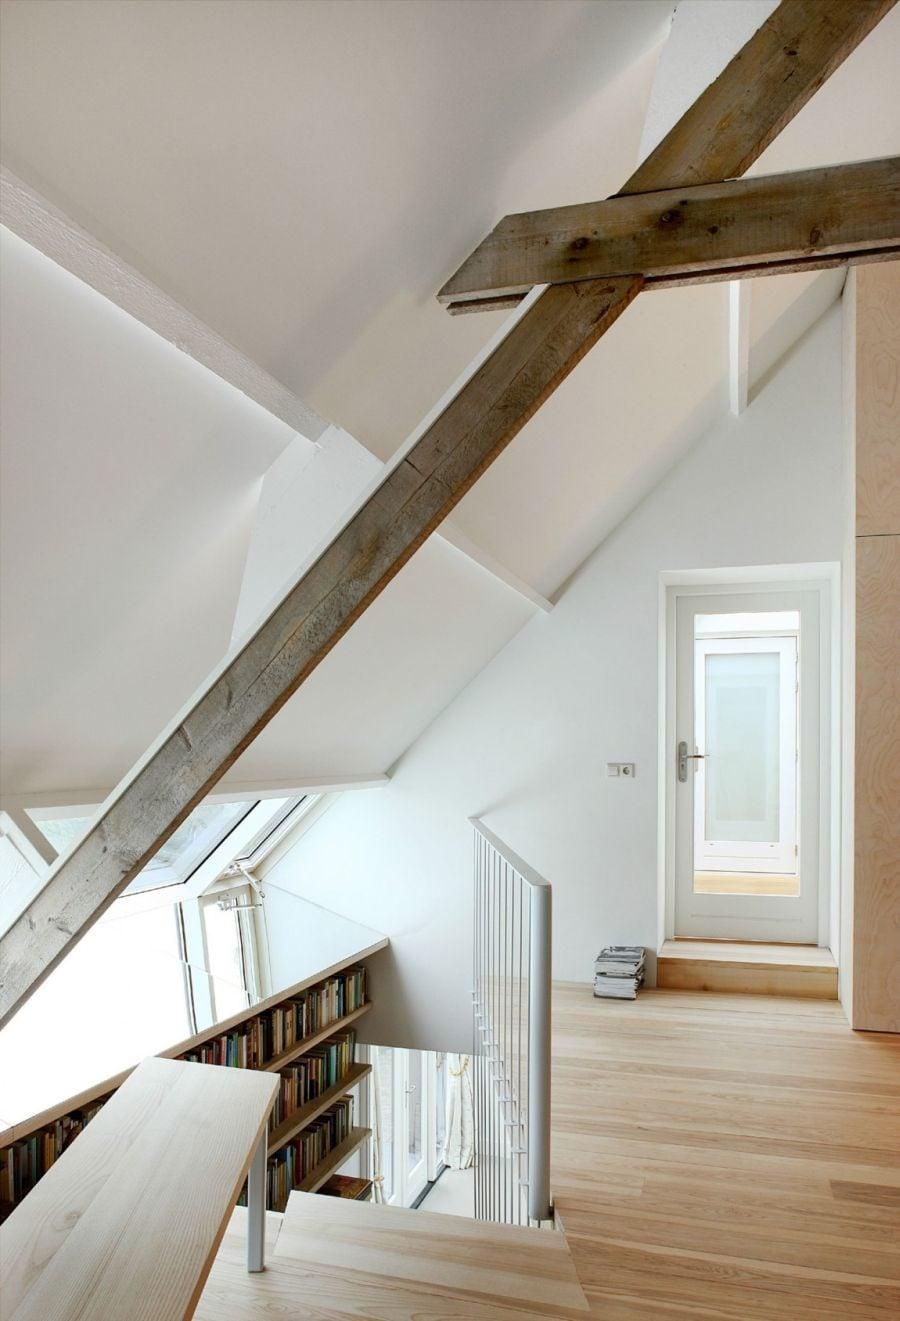 714 House G Ngôi nhà đẹp và ấn tượng được cải tạo từ một kho thóc cũ qpdesign